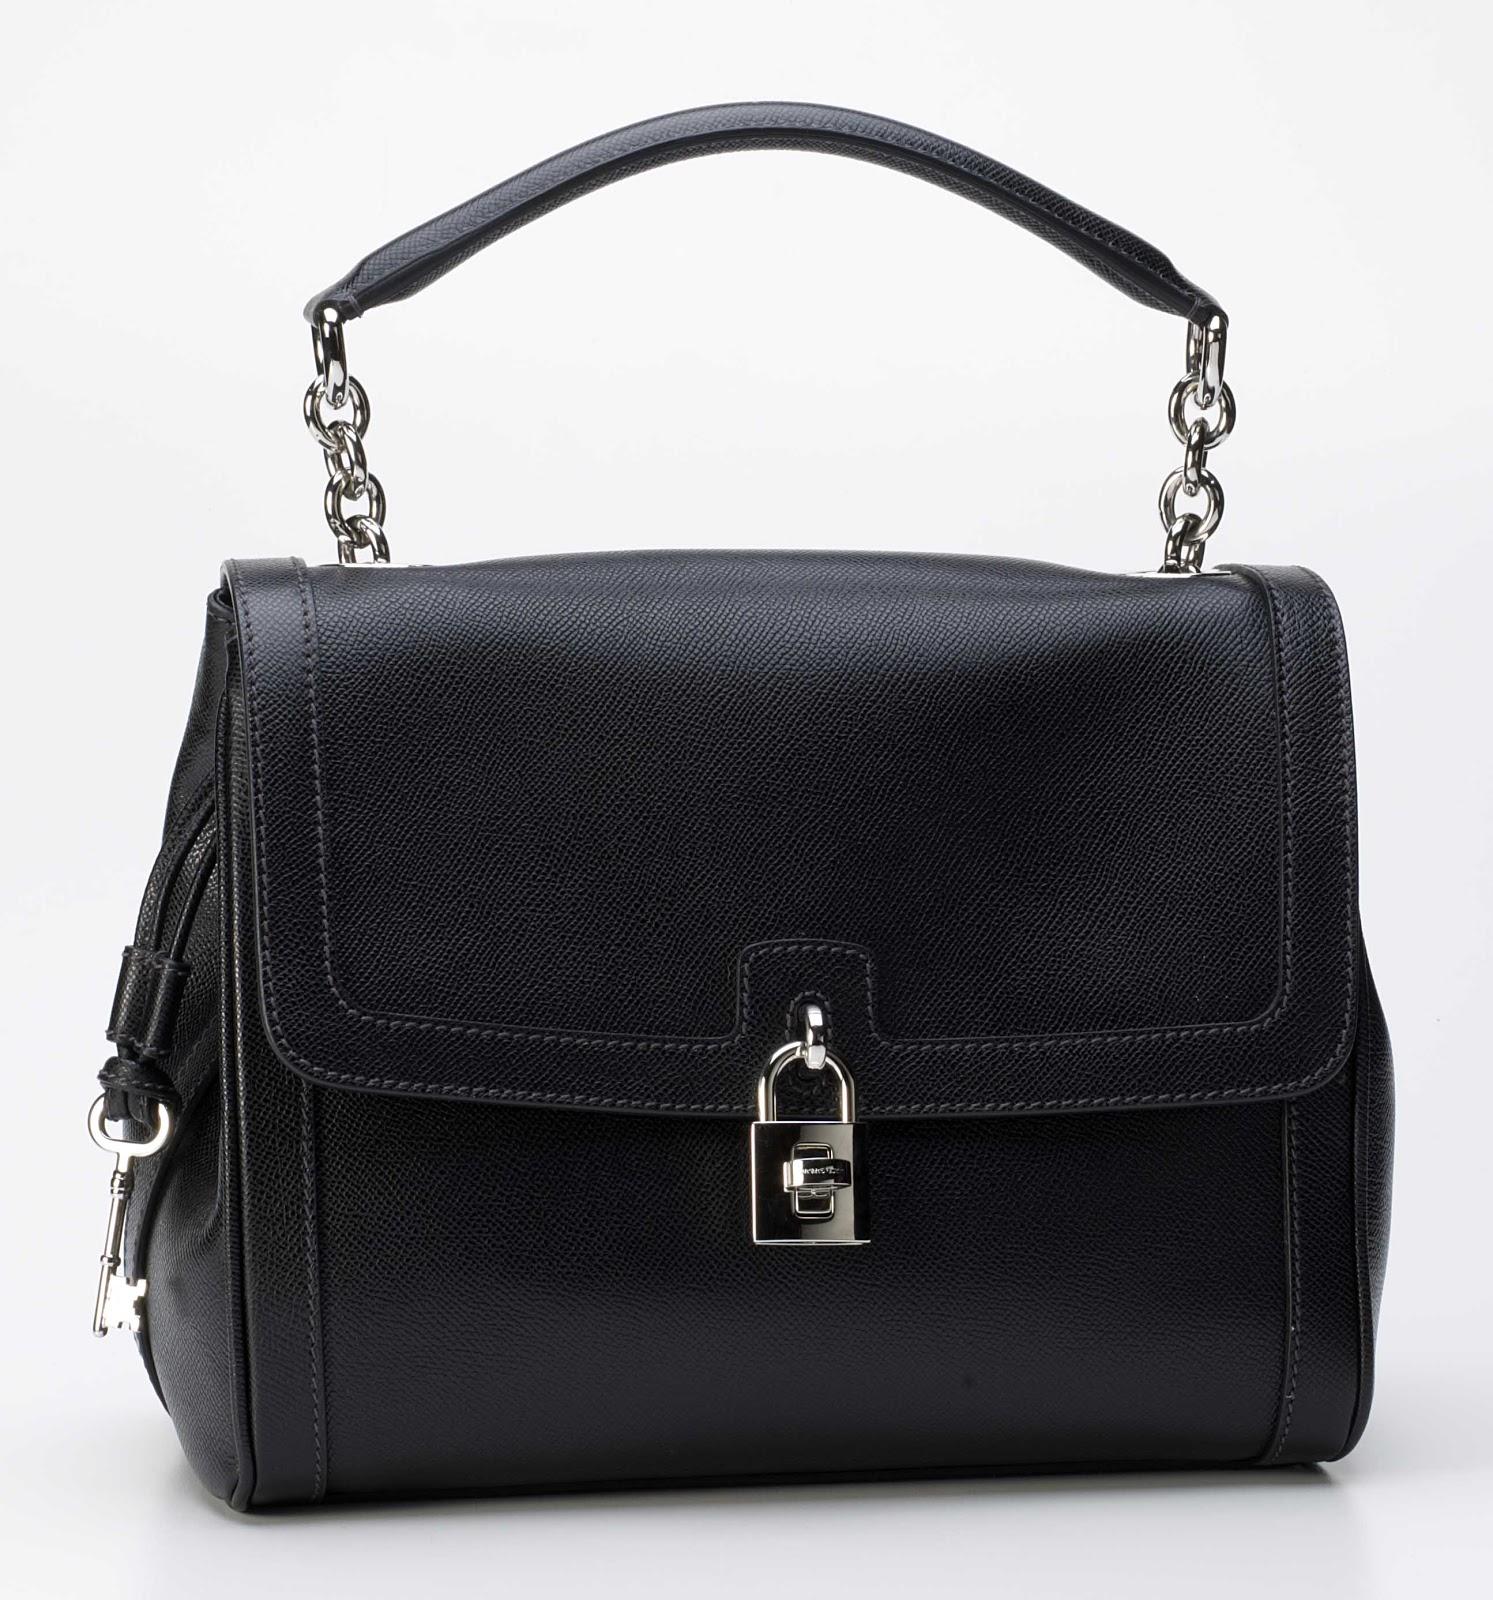 http://1.bp.blogspot.com/-MzexM6SCaa0/UQlKTKHD3DI/AAAAAAABCBA/5_RdG74N9Y0/s1600/THE+DOLCE+BAG.jpg